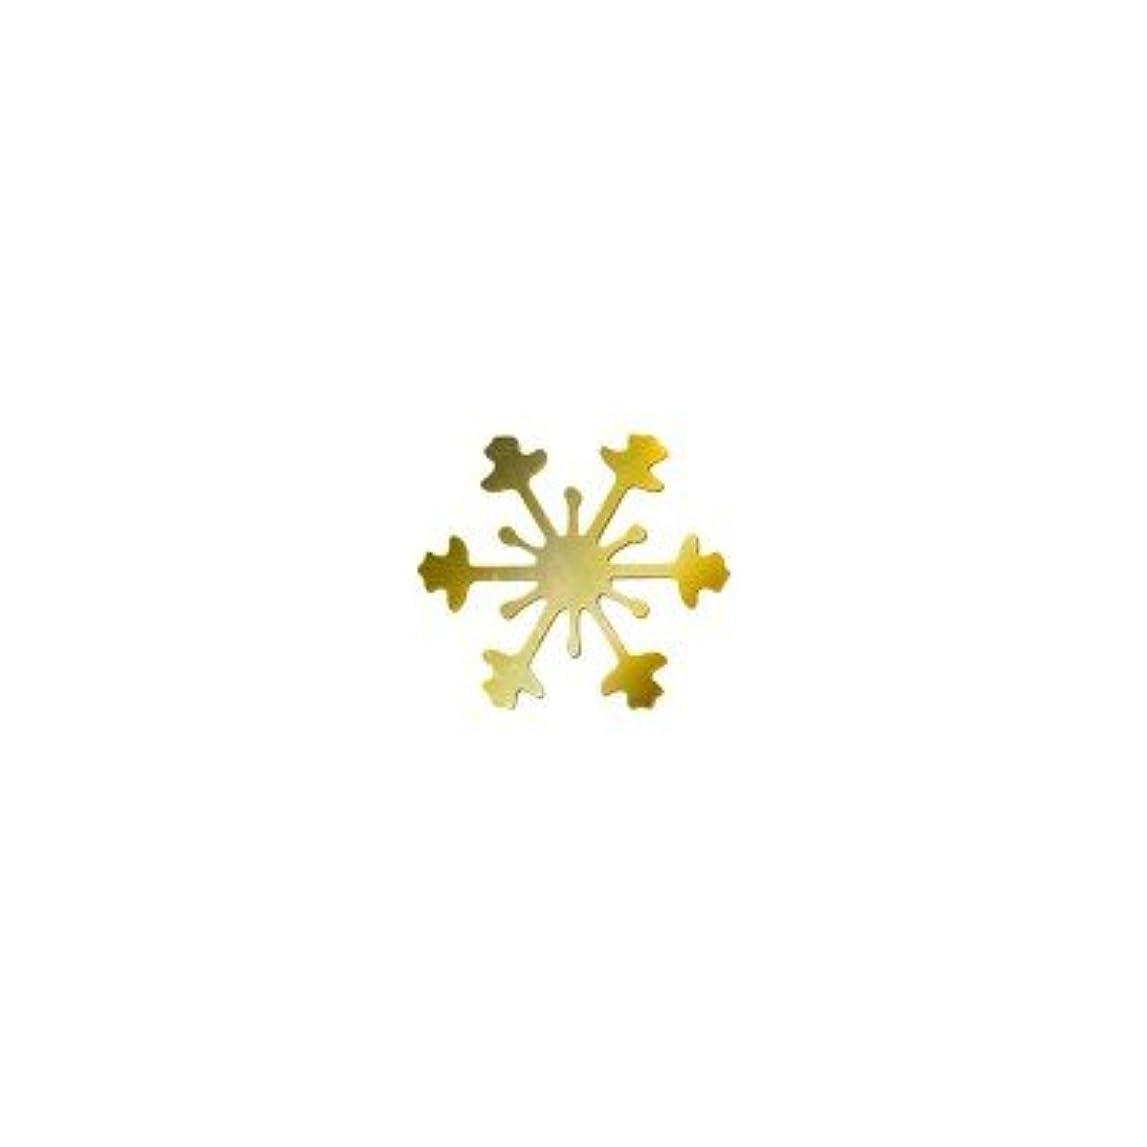 アトミック評判真夜中クレア メタルトーク スノーゴールドS